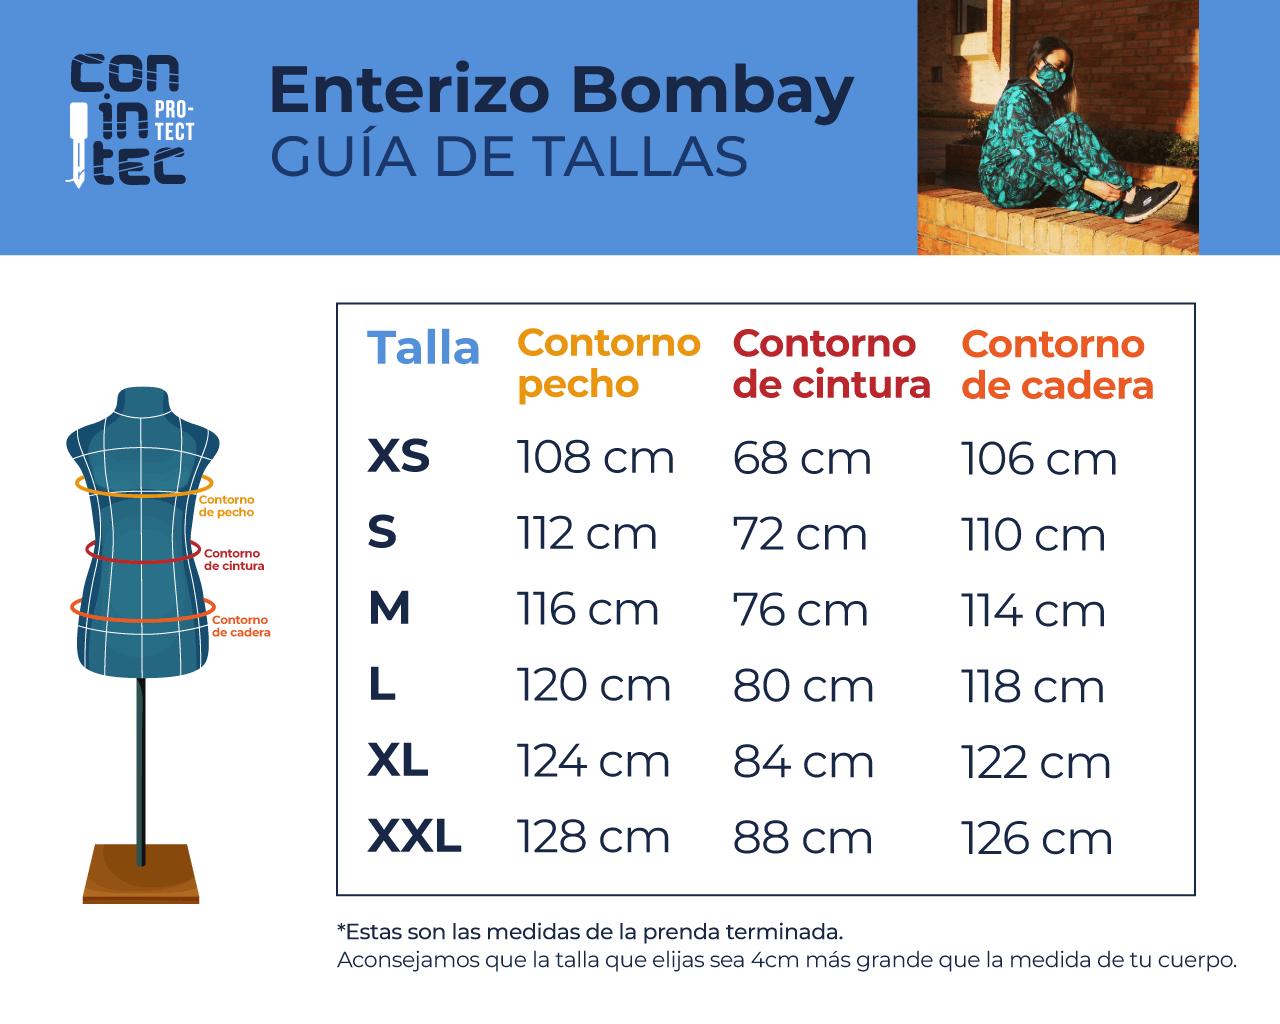 Guía de Tallas – Bombay